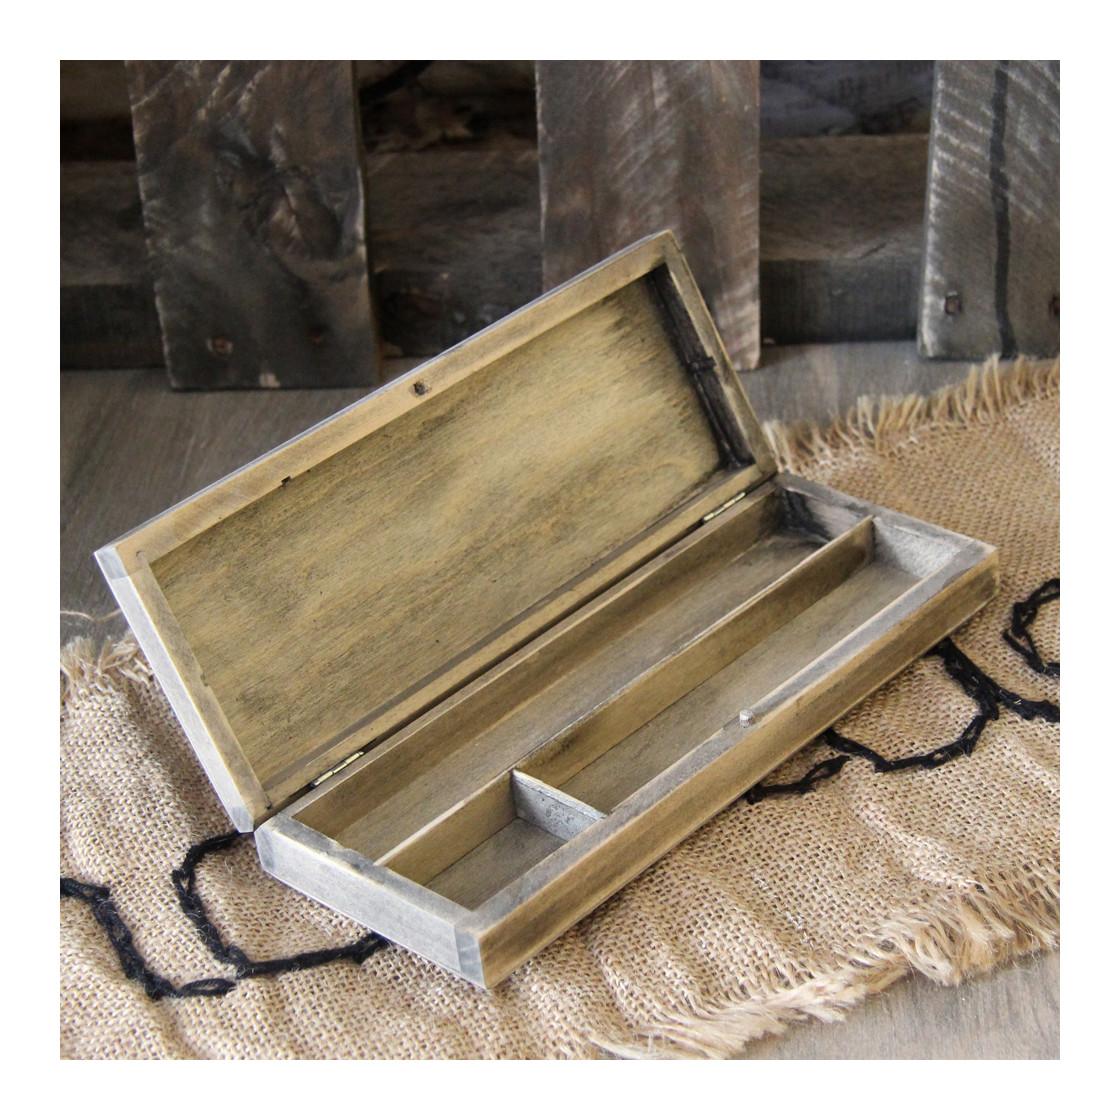 handmade4u vintage holz federk stchen federm ppchen federmappe grif 12 99. Black Bedroom Furniture Sets. Home Design Ideas